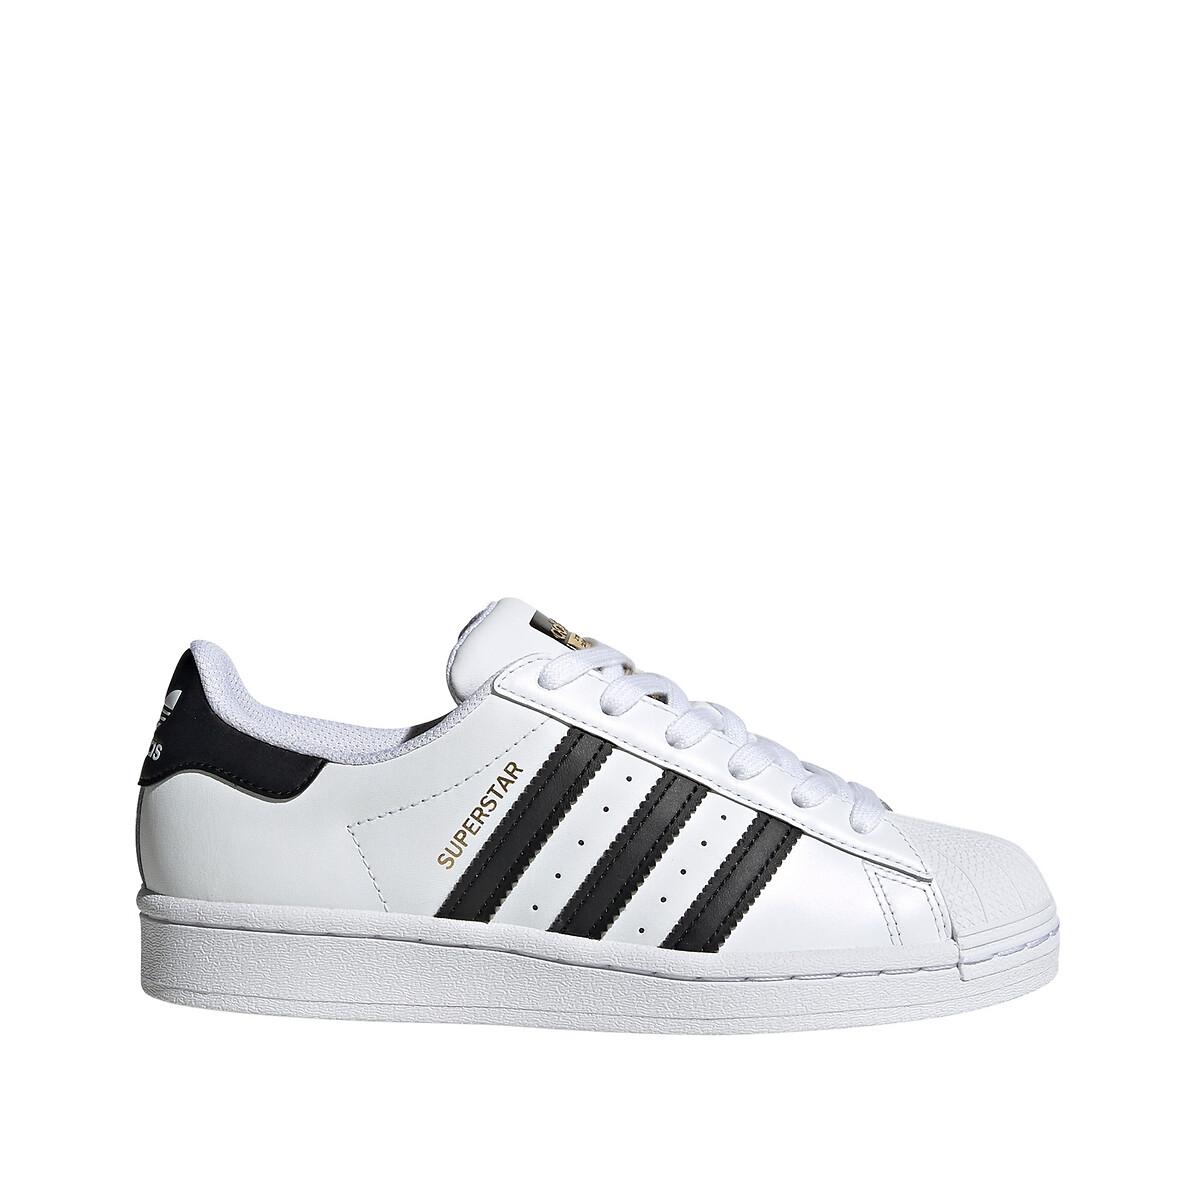 Adidas Superstar J FU7712 Wit / Zwart-37 1/3 maat 37 1/3 online kopen